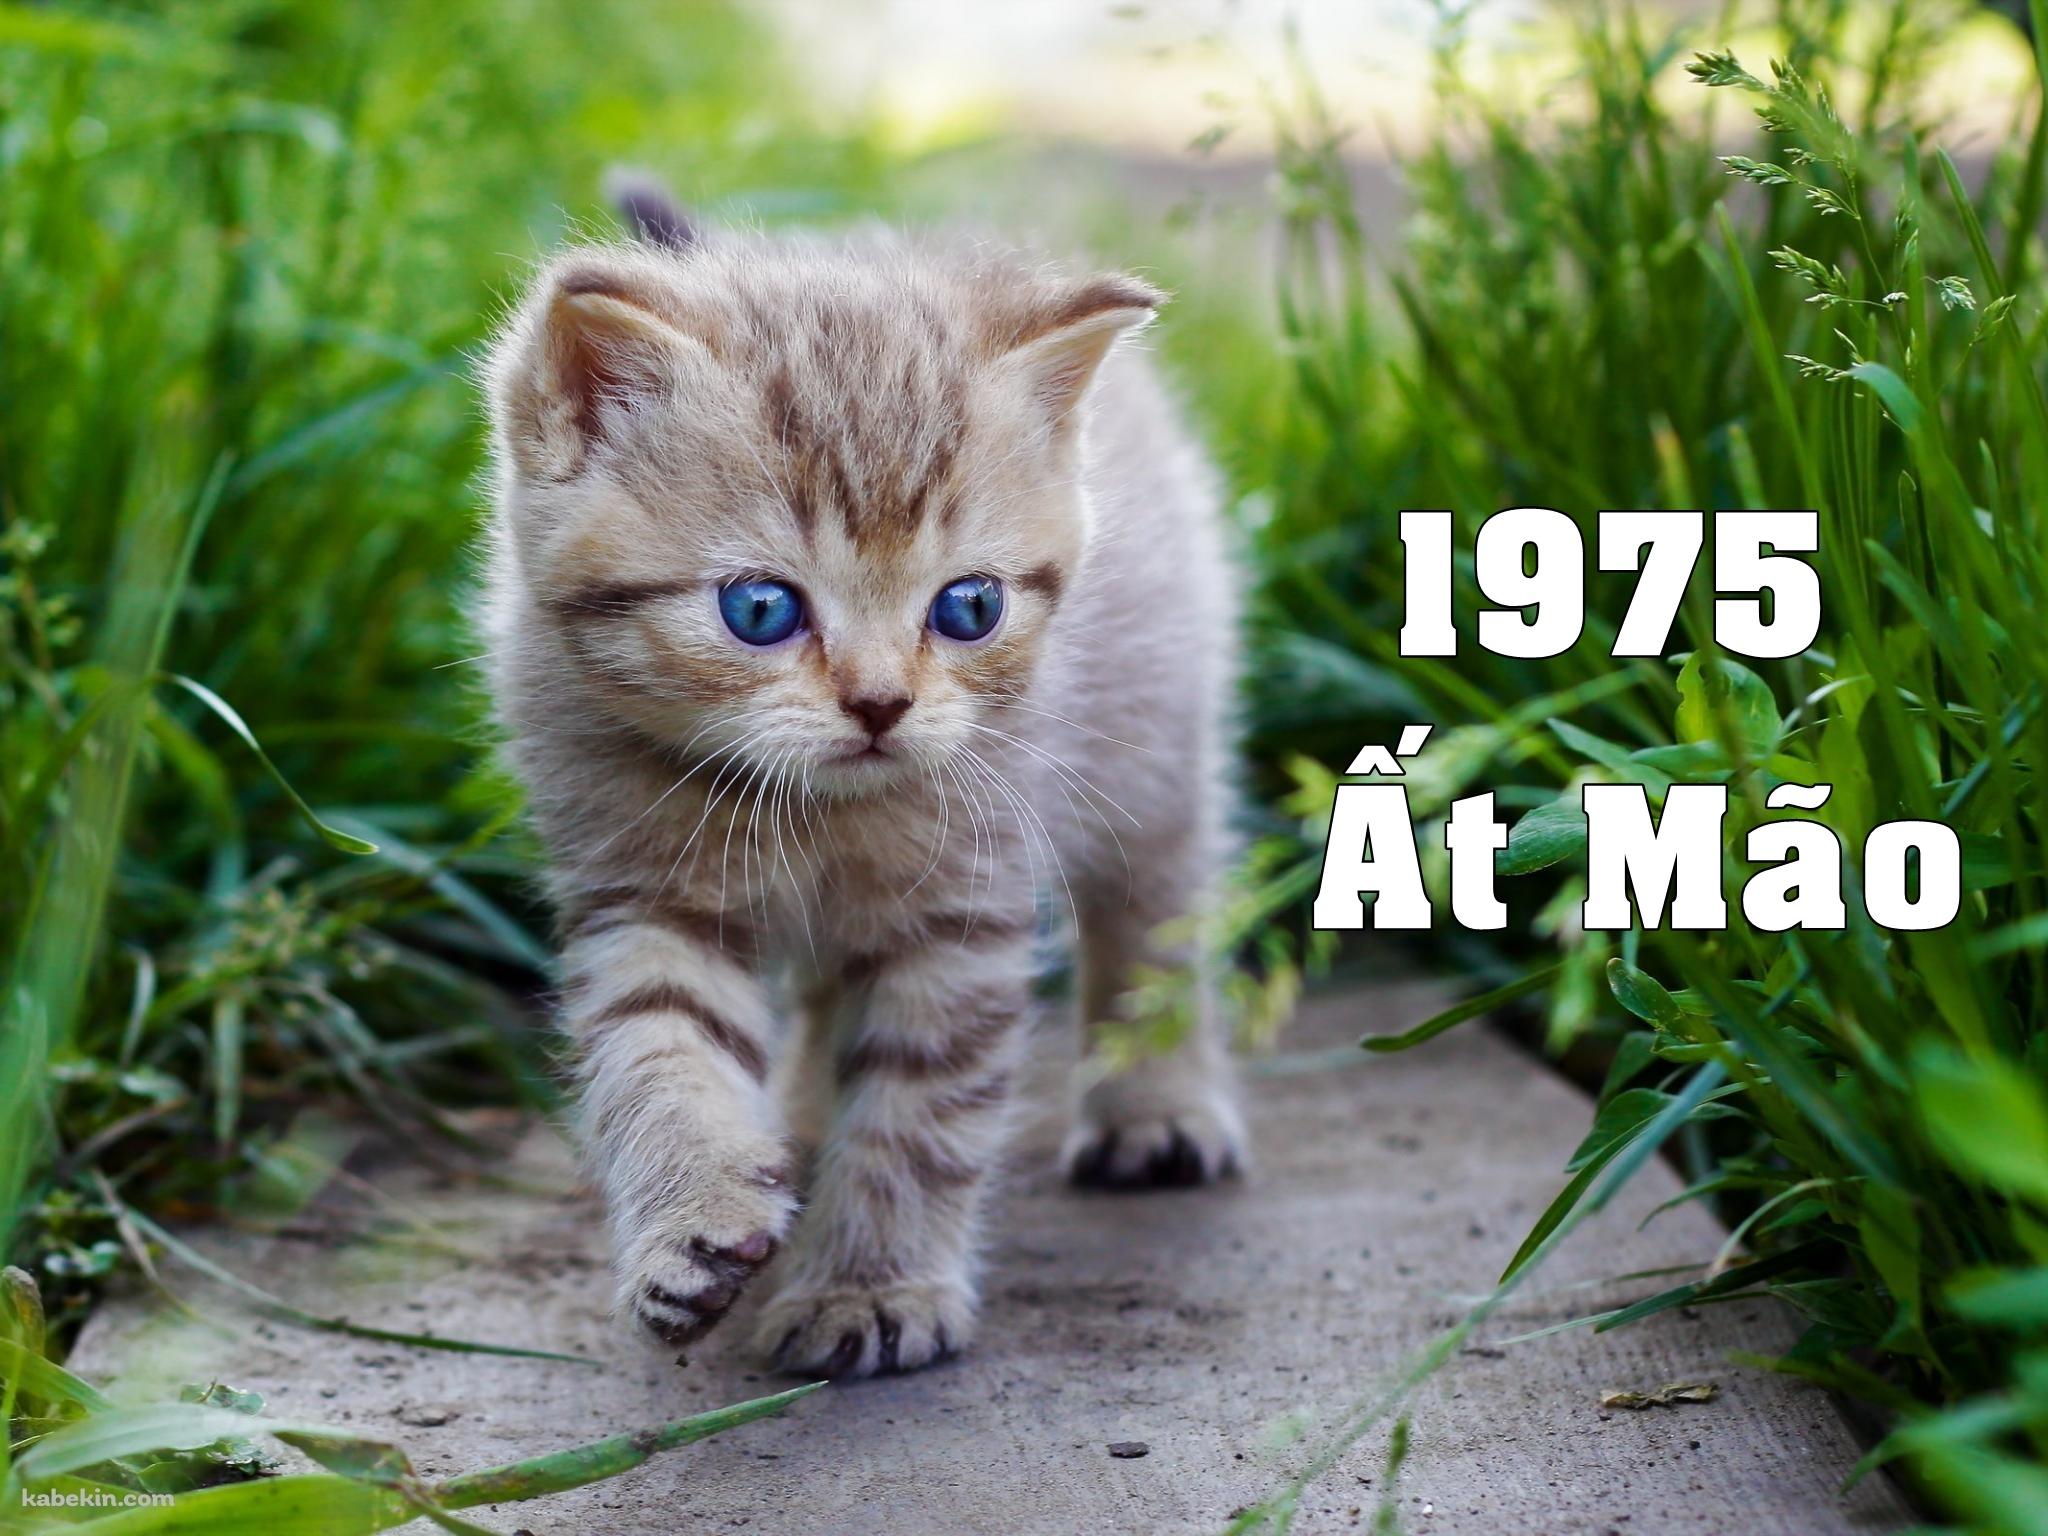 Sinh năm 1975 Ất Mão thuộc mệnh gì?